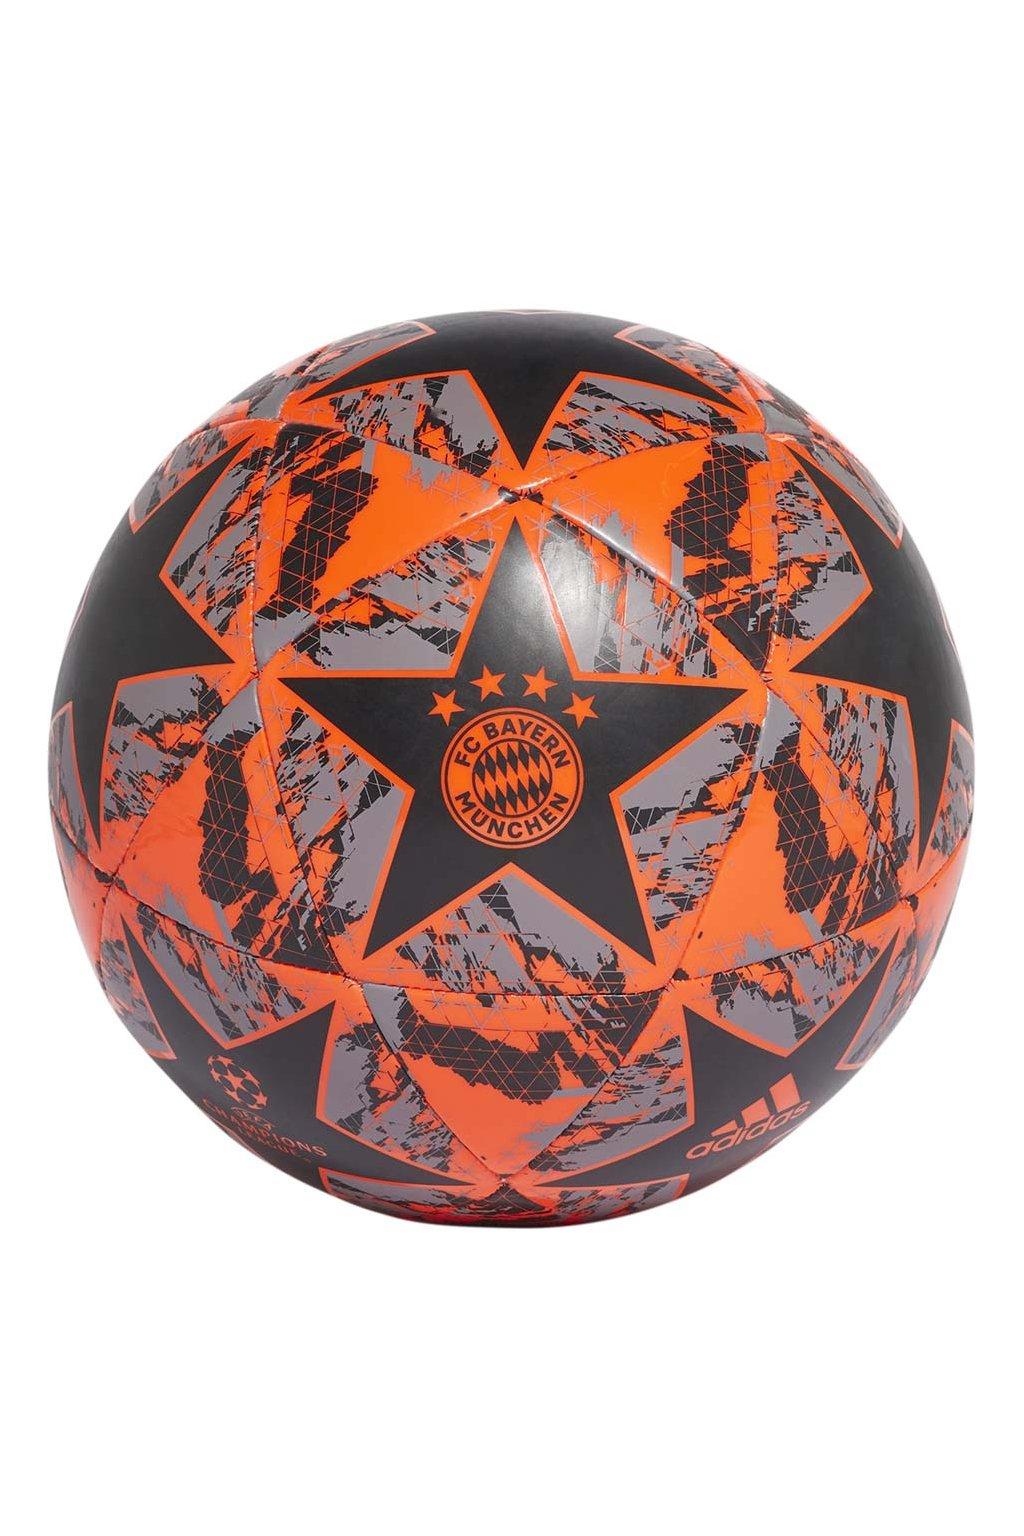 Futbalová lopta Adidas Finale FC Bayern Capitano čierno-oranžovo-šedá DY2543